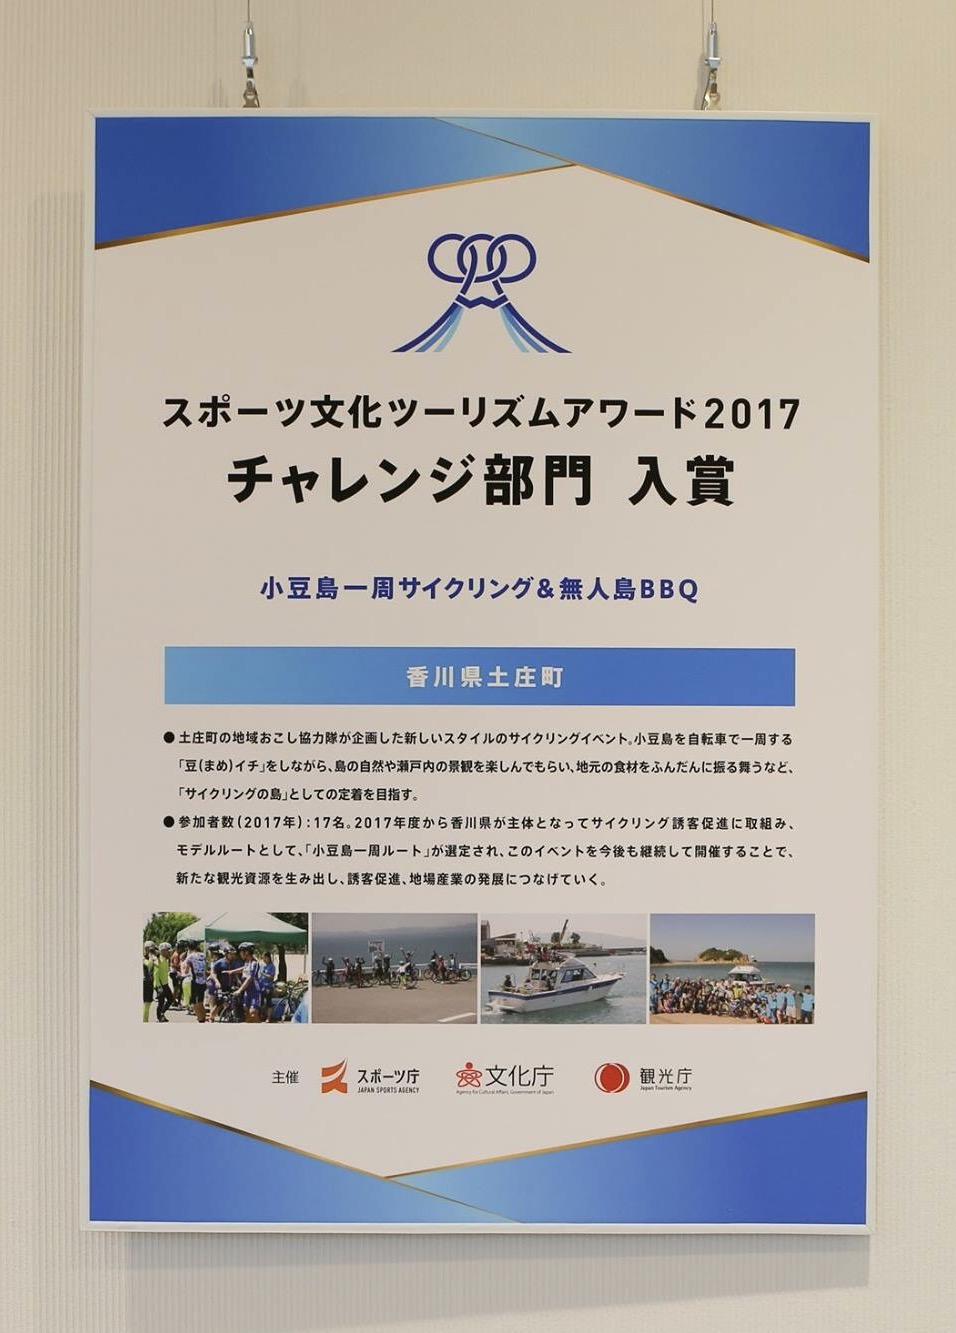 小豆島一周サイクリング&無人島BBQ スポーツ文化ツーリズムアワード2017 入賞! : きりのロードバイク日記